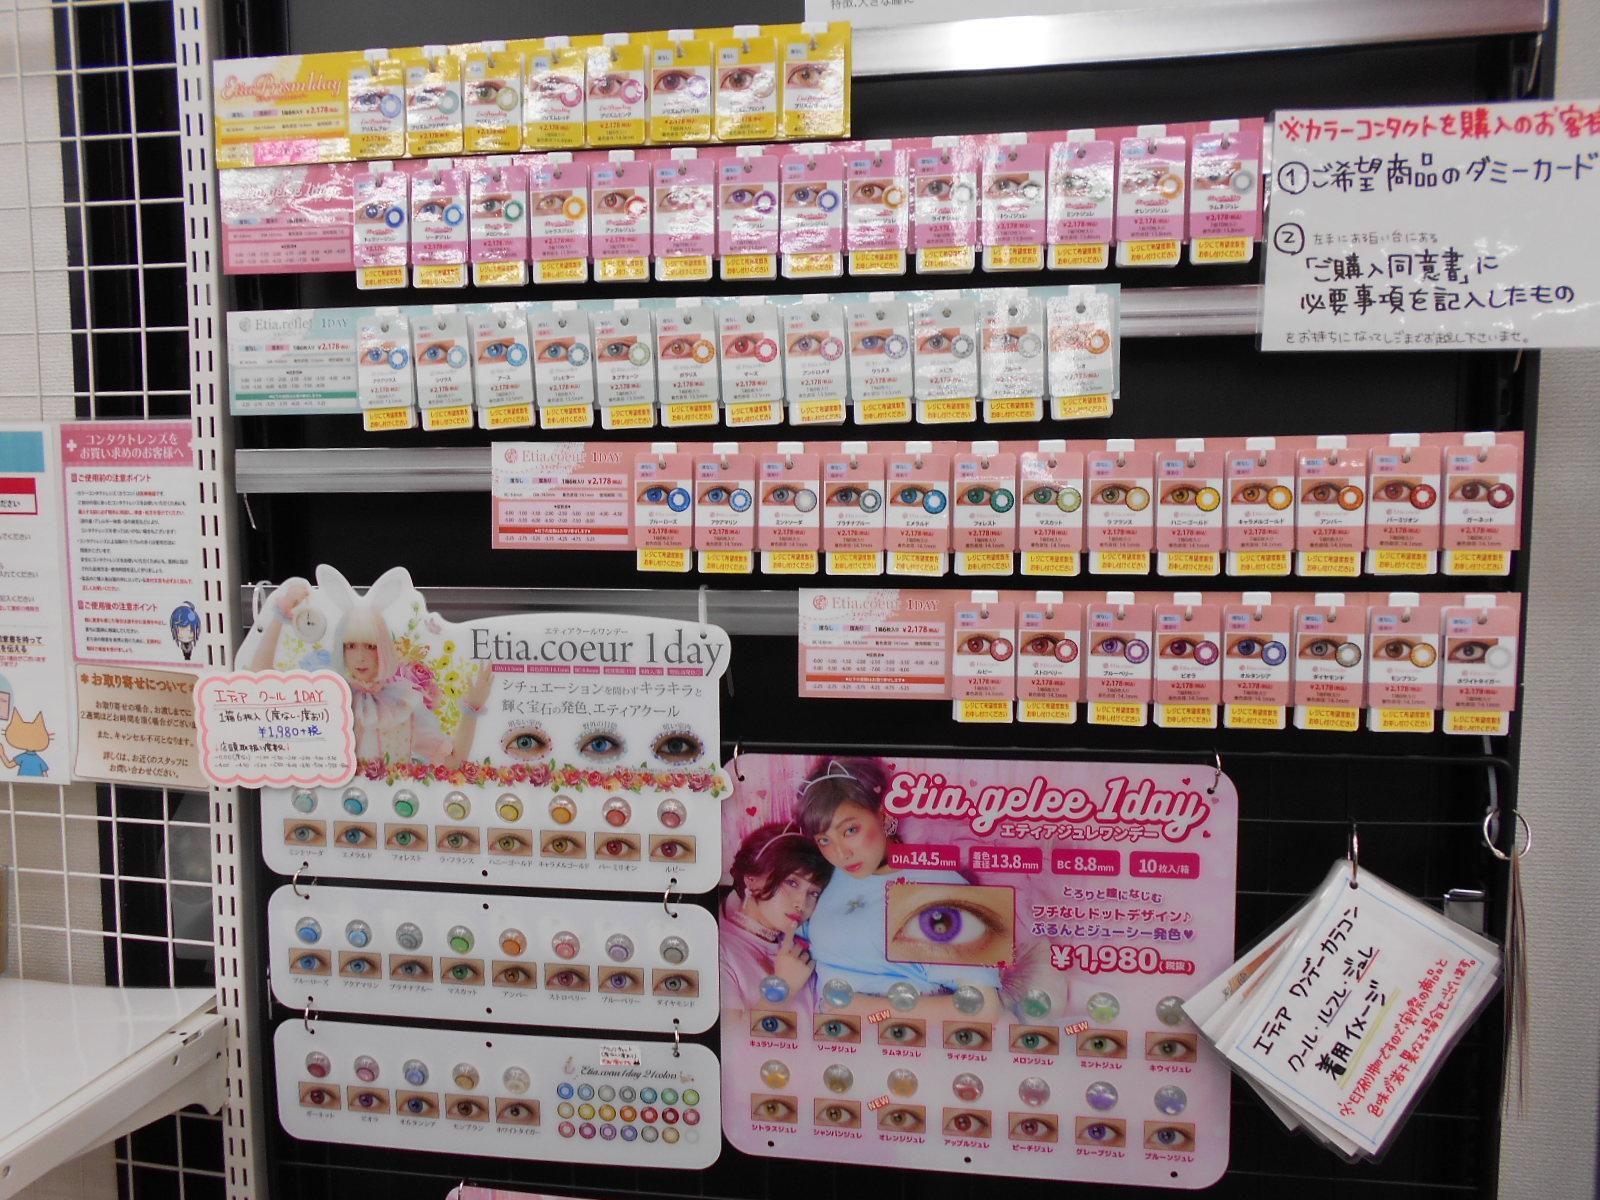 新潟 アニメイト 長岡のアニメショップ・専門店